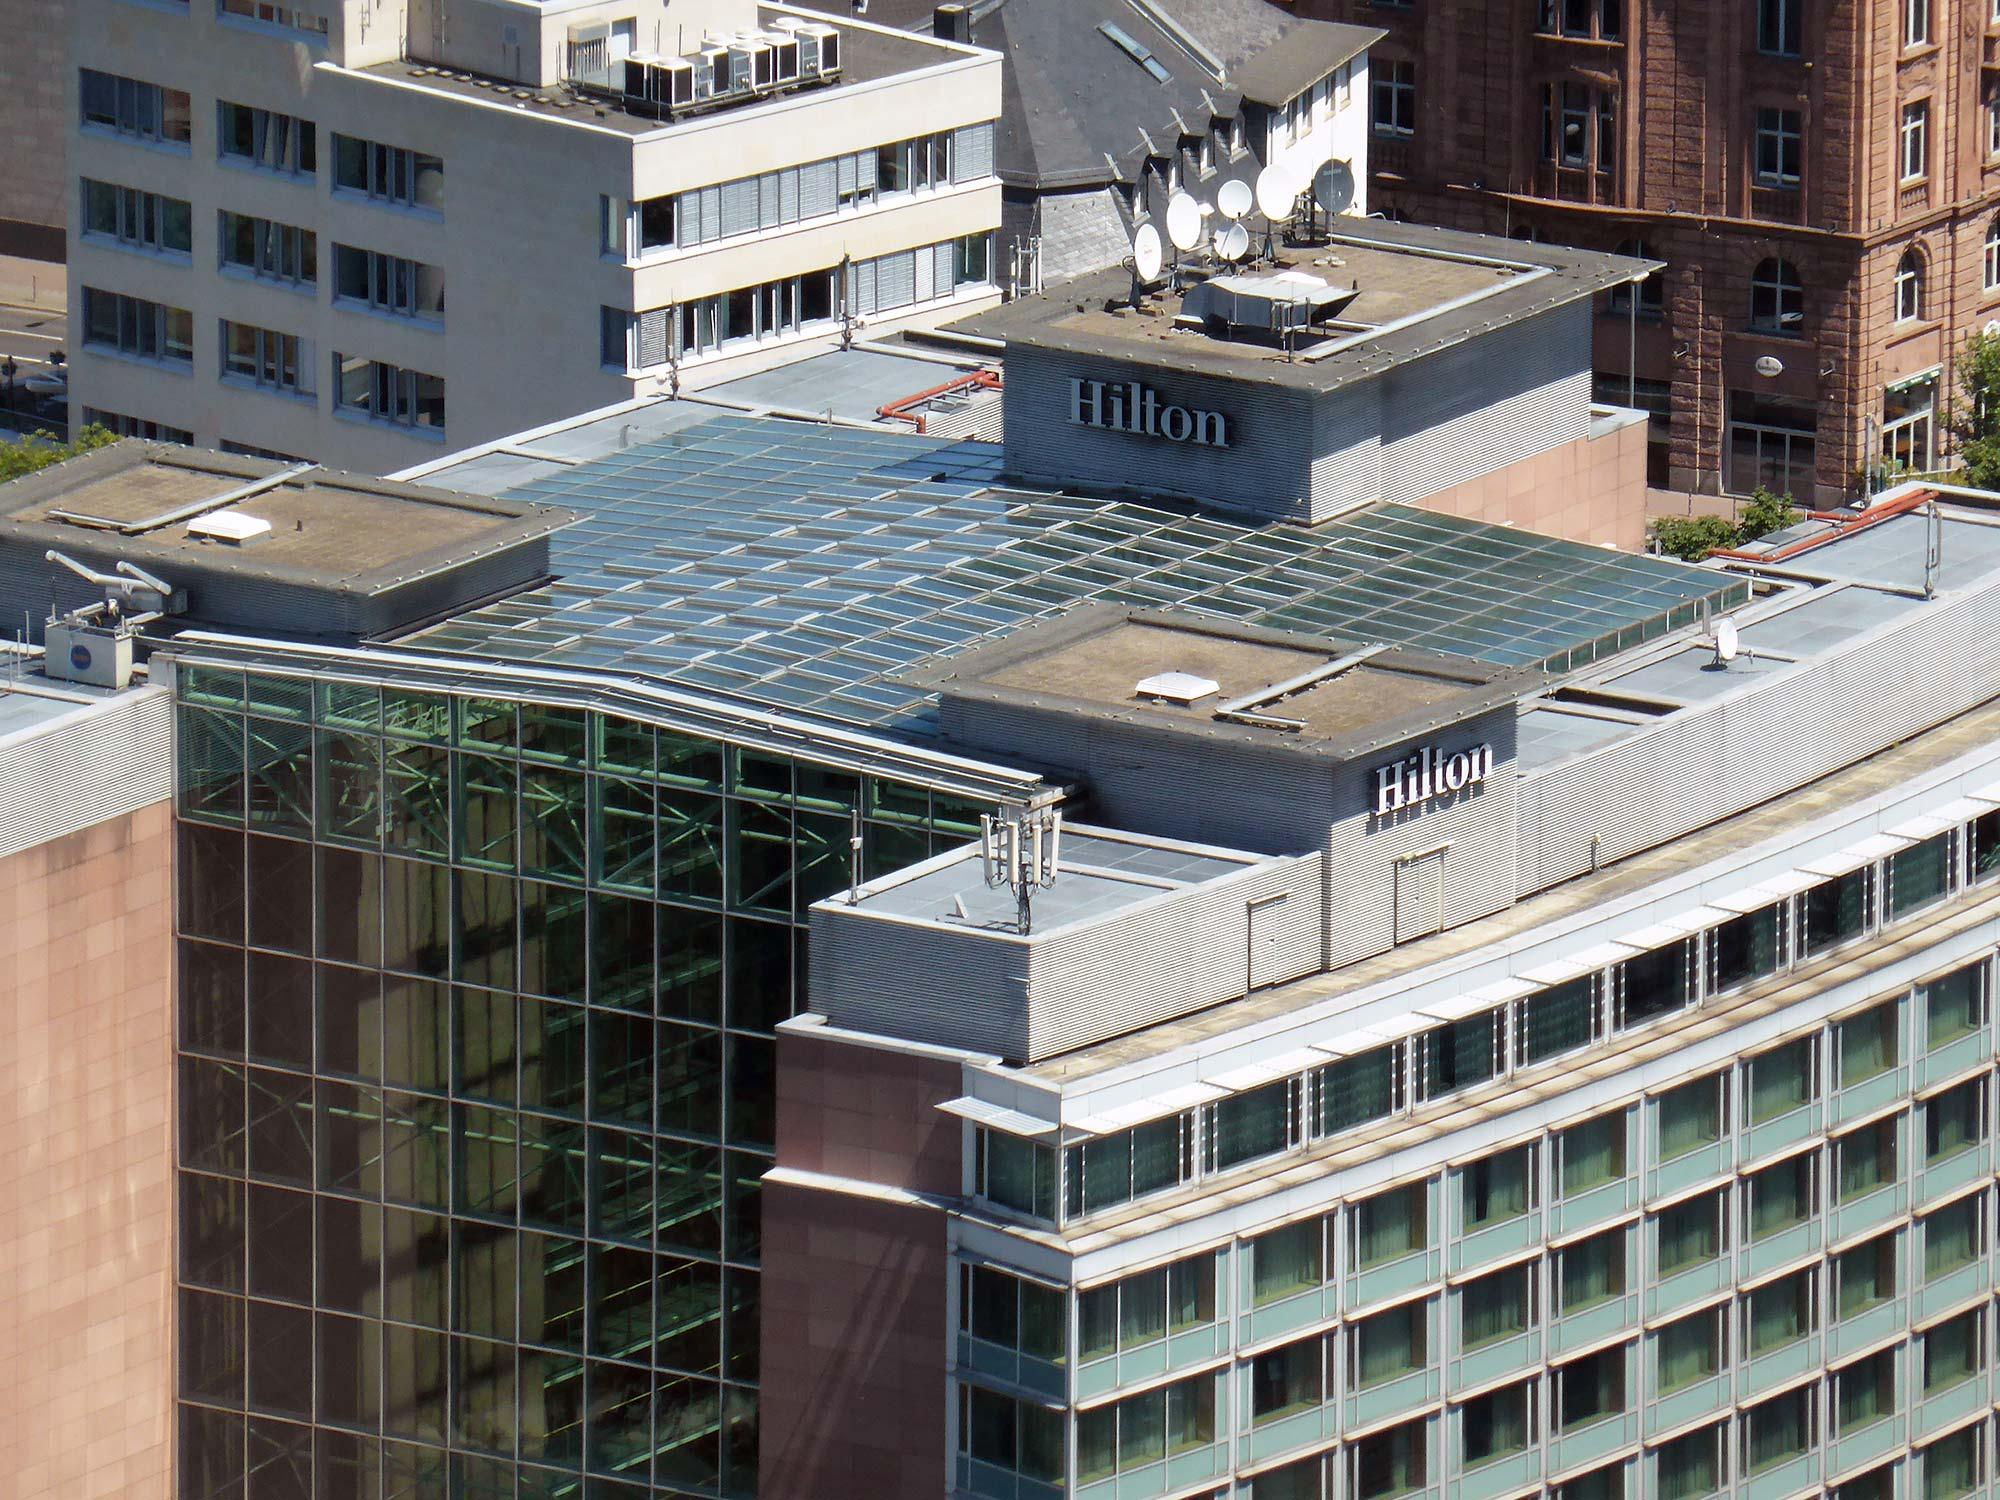 Frankfurt Hilton Hotel City Centre - Hotel mit Skyline Aussicht - Übernachtung Innenstadt Frankfurt Hochhaus